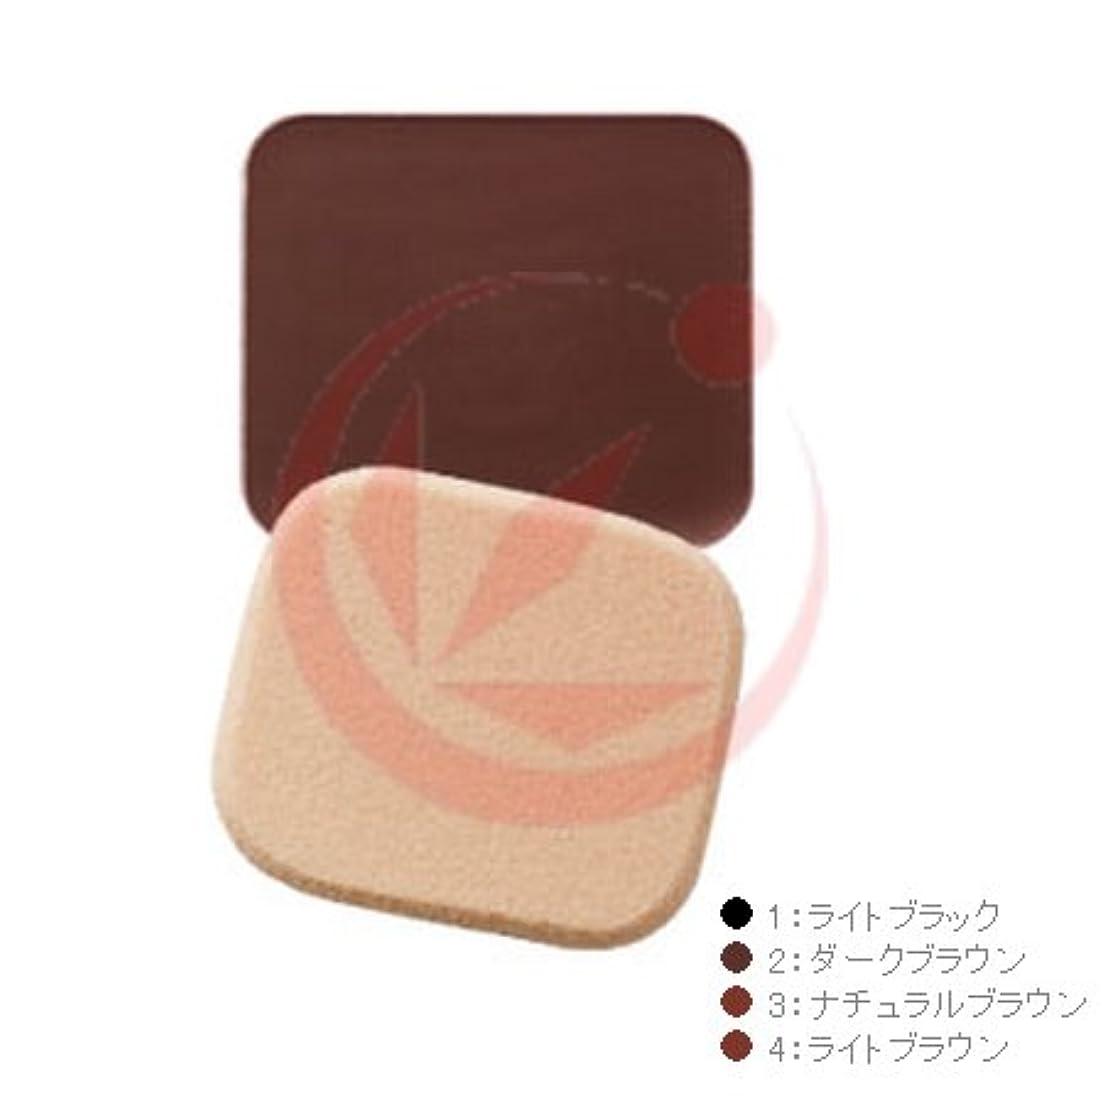 イリヤ 彩(いろどり) ヘアファンデーション 13g 詰替用 パフ付 ダークブラウン